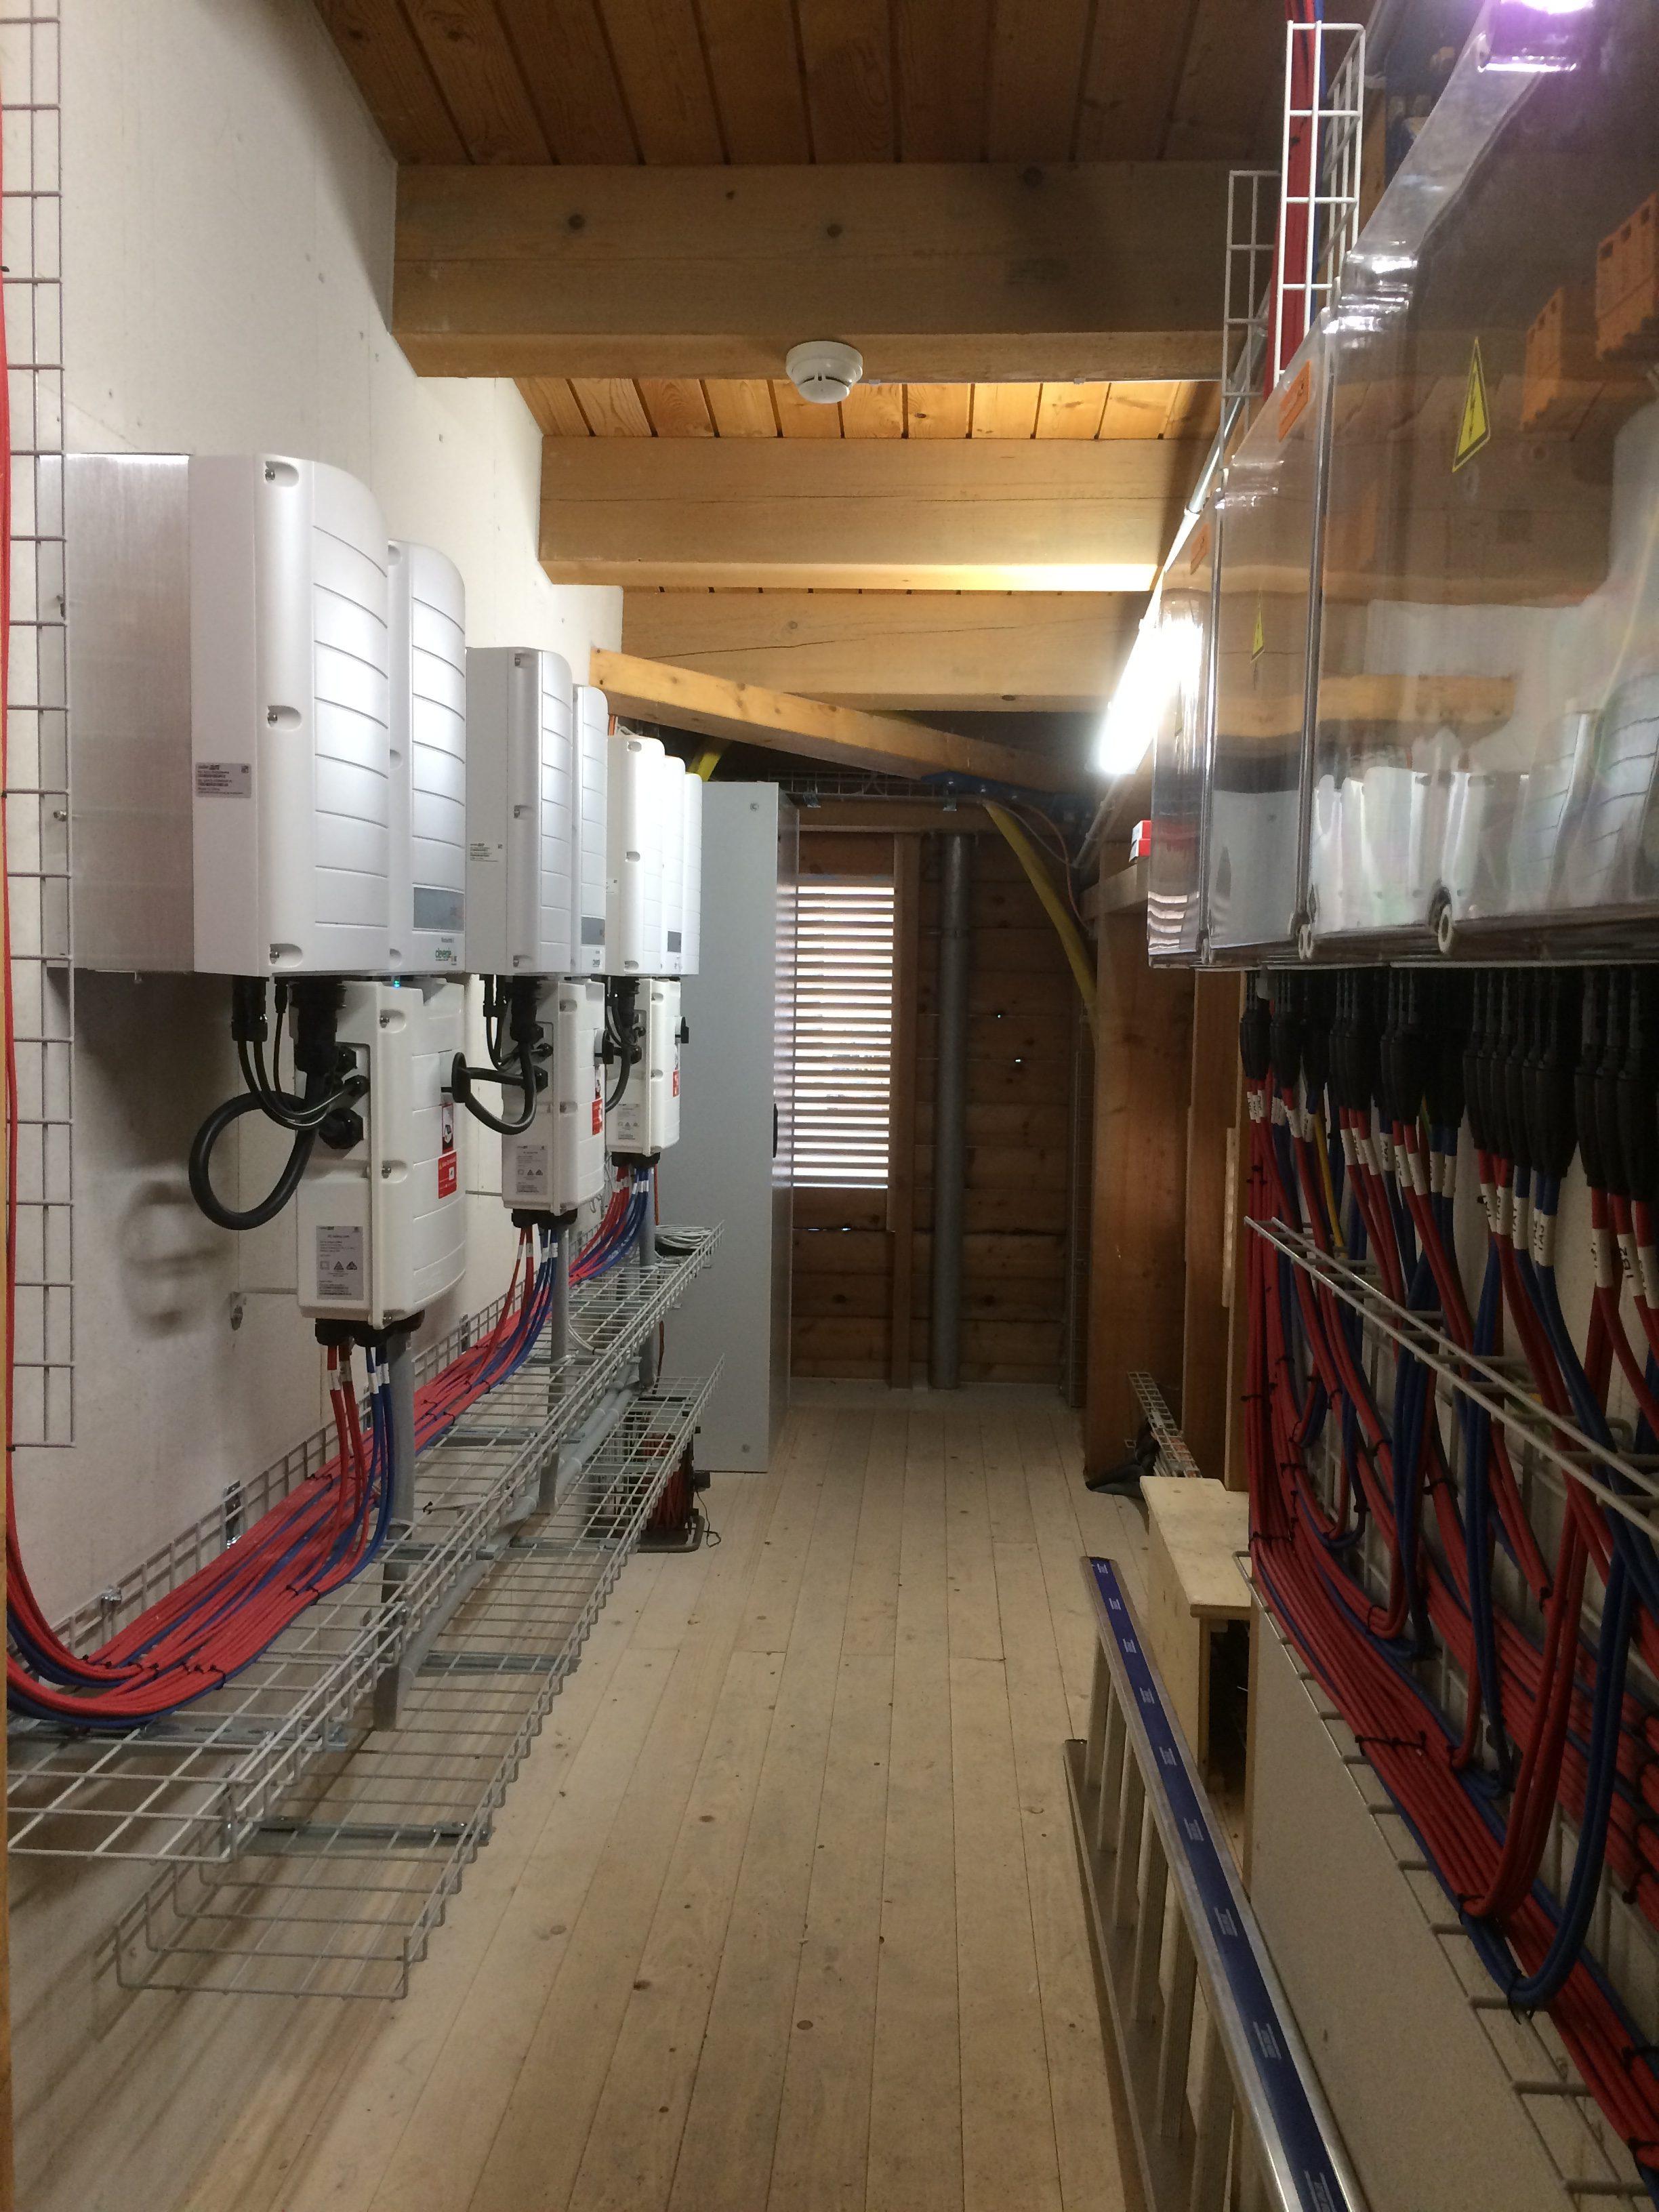 Wechselrichterraum PV-Anlage Reithalle Kloster Einsiedeln